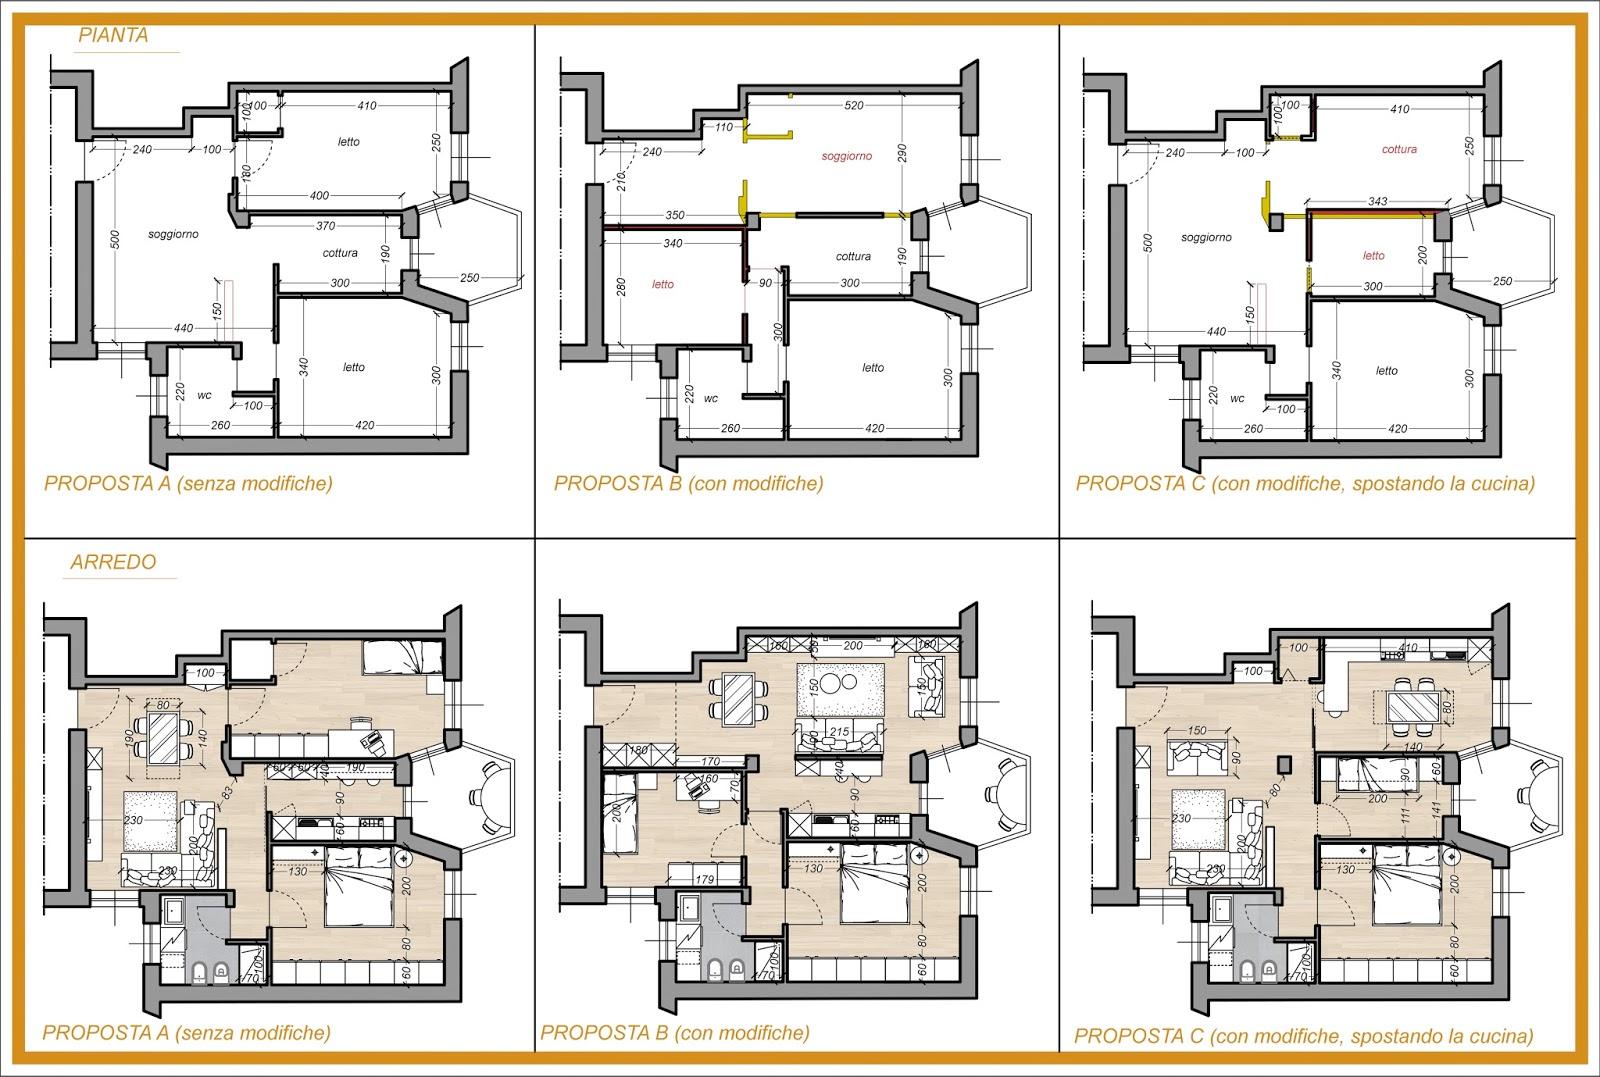 Arredamento e dintorni arredamento blu progetto di arredo for Progetto arredo cucina